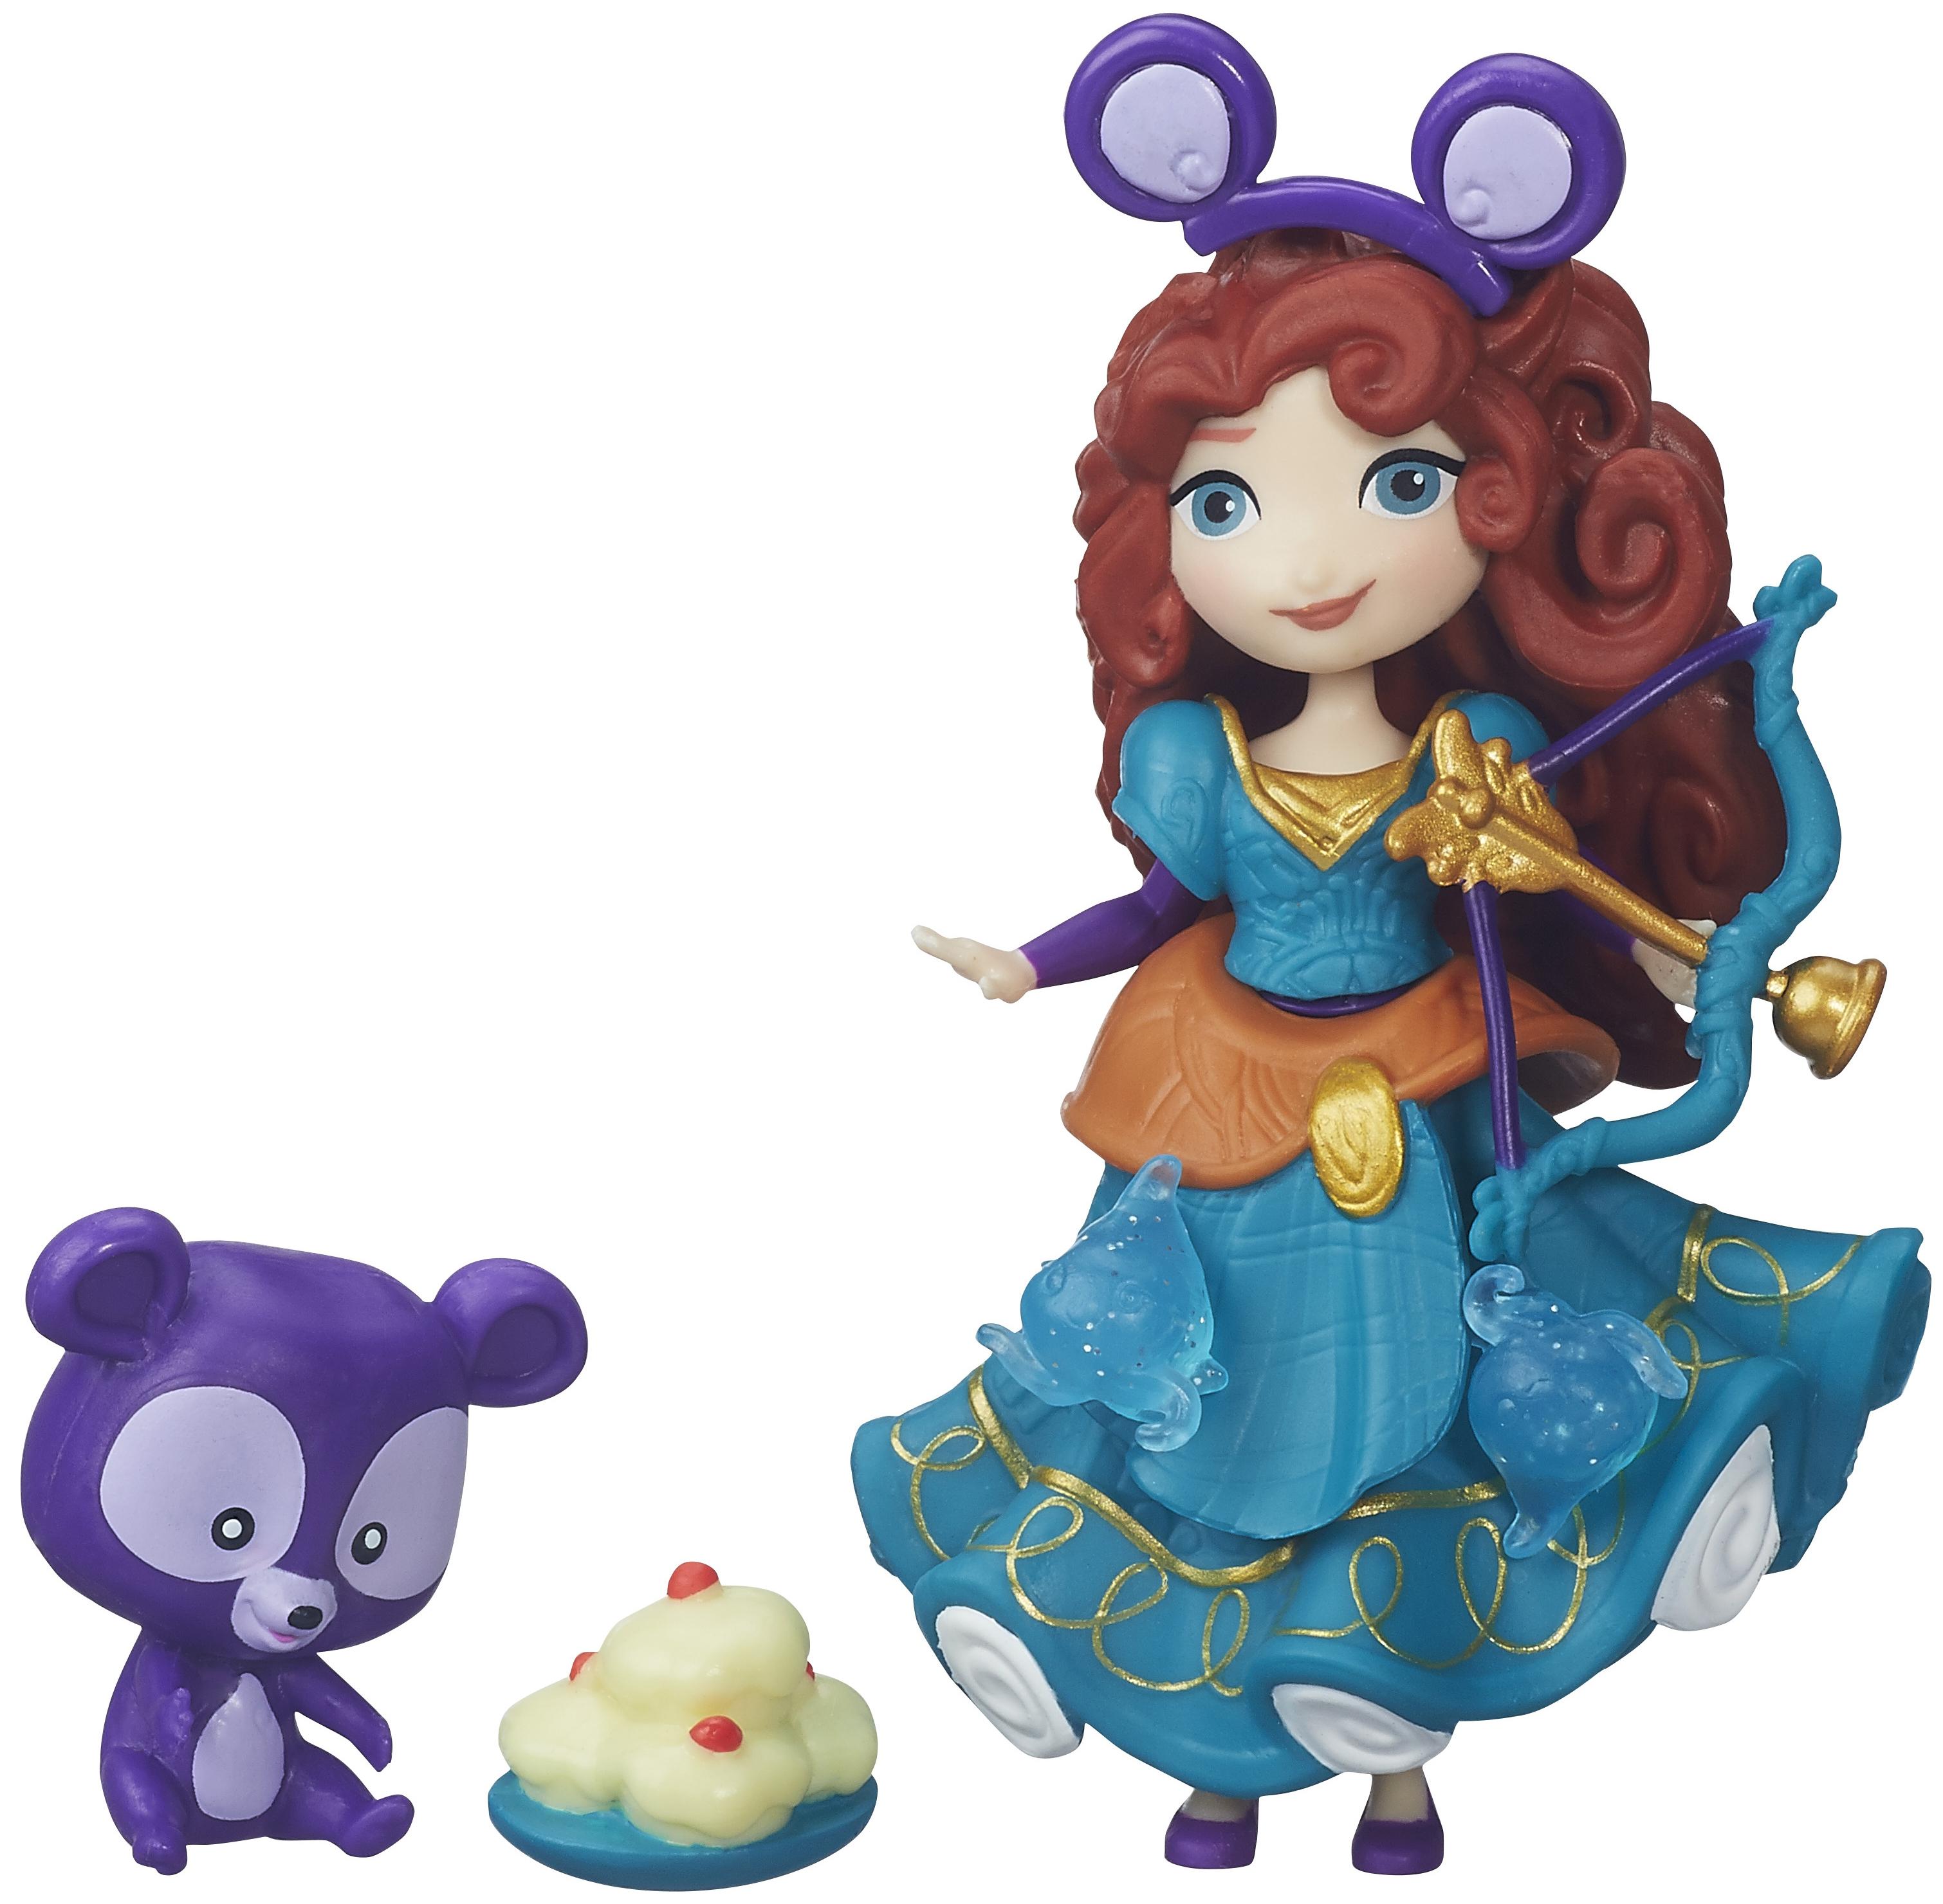 Disney Princess Disney Princess Маленькая Принцесса и ее друг disney princess игровой набор с куклой easy styles ариэль